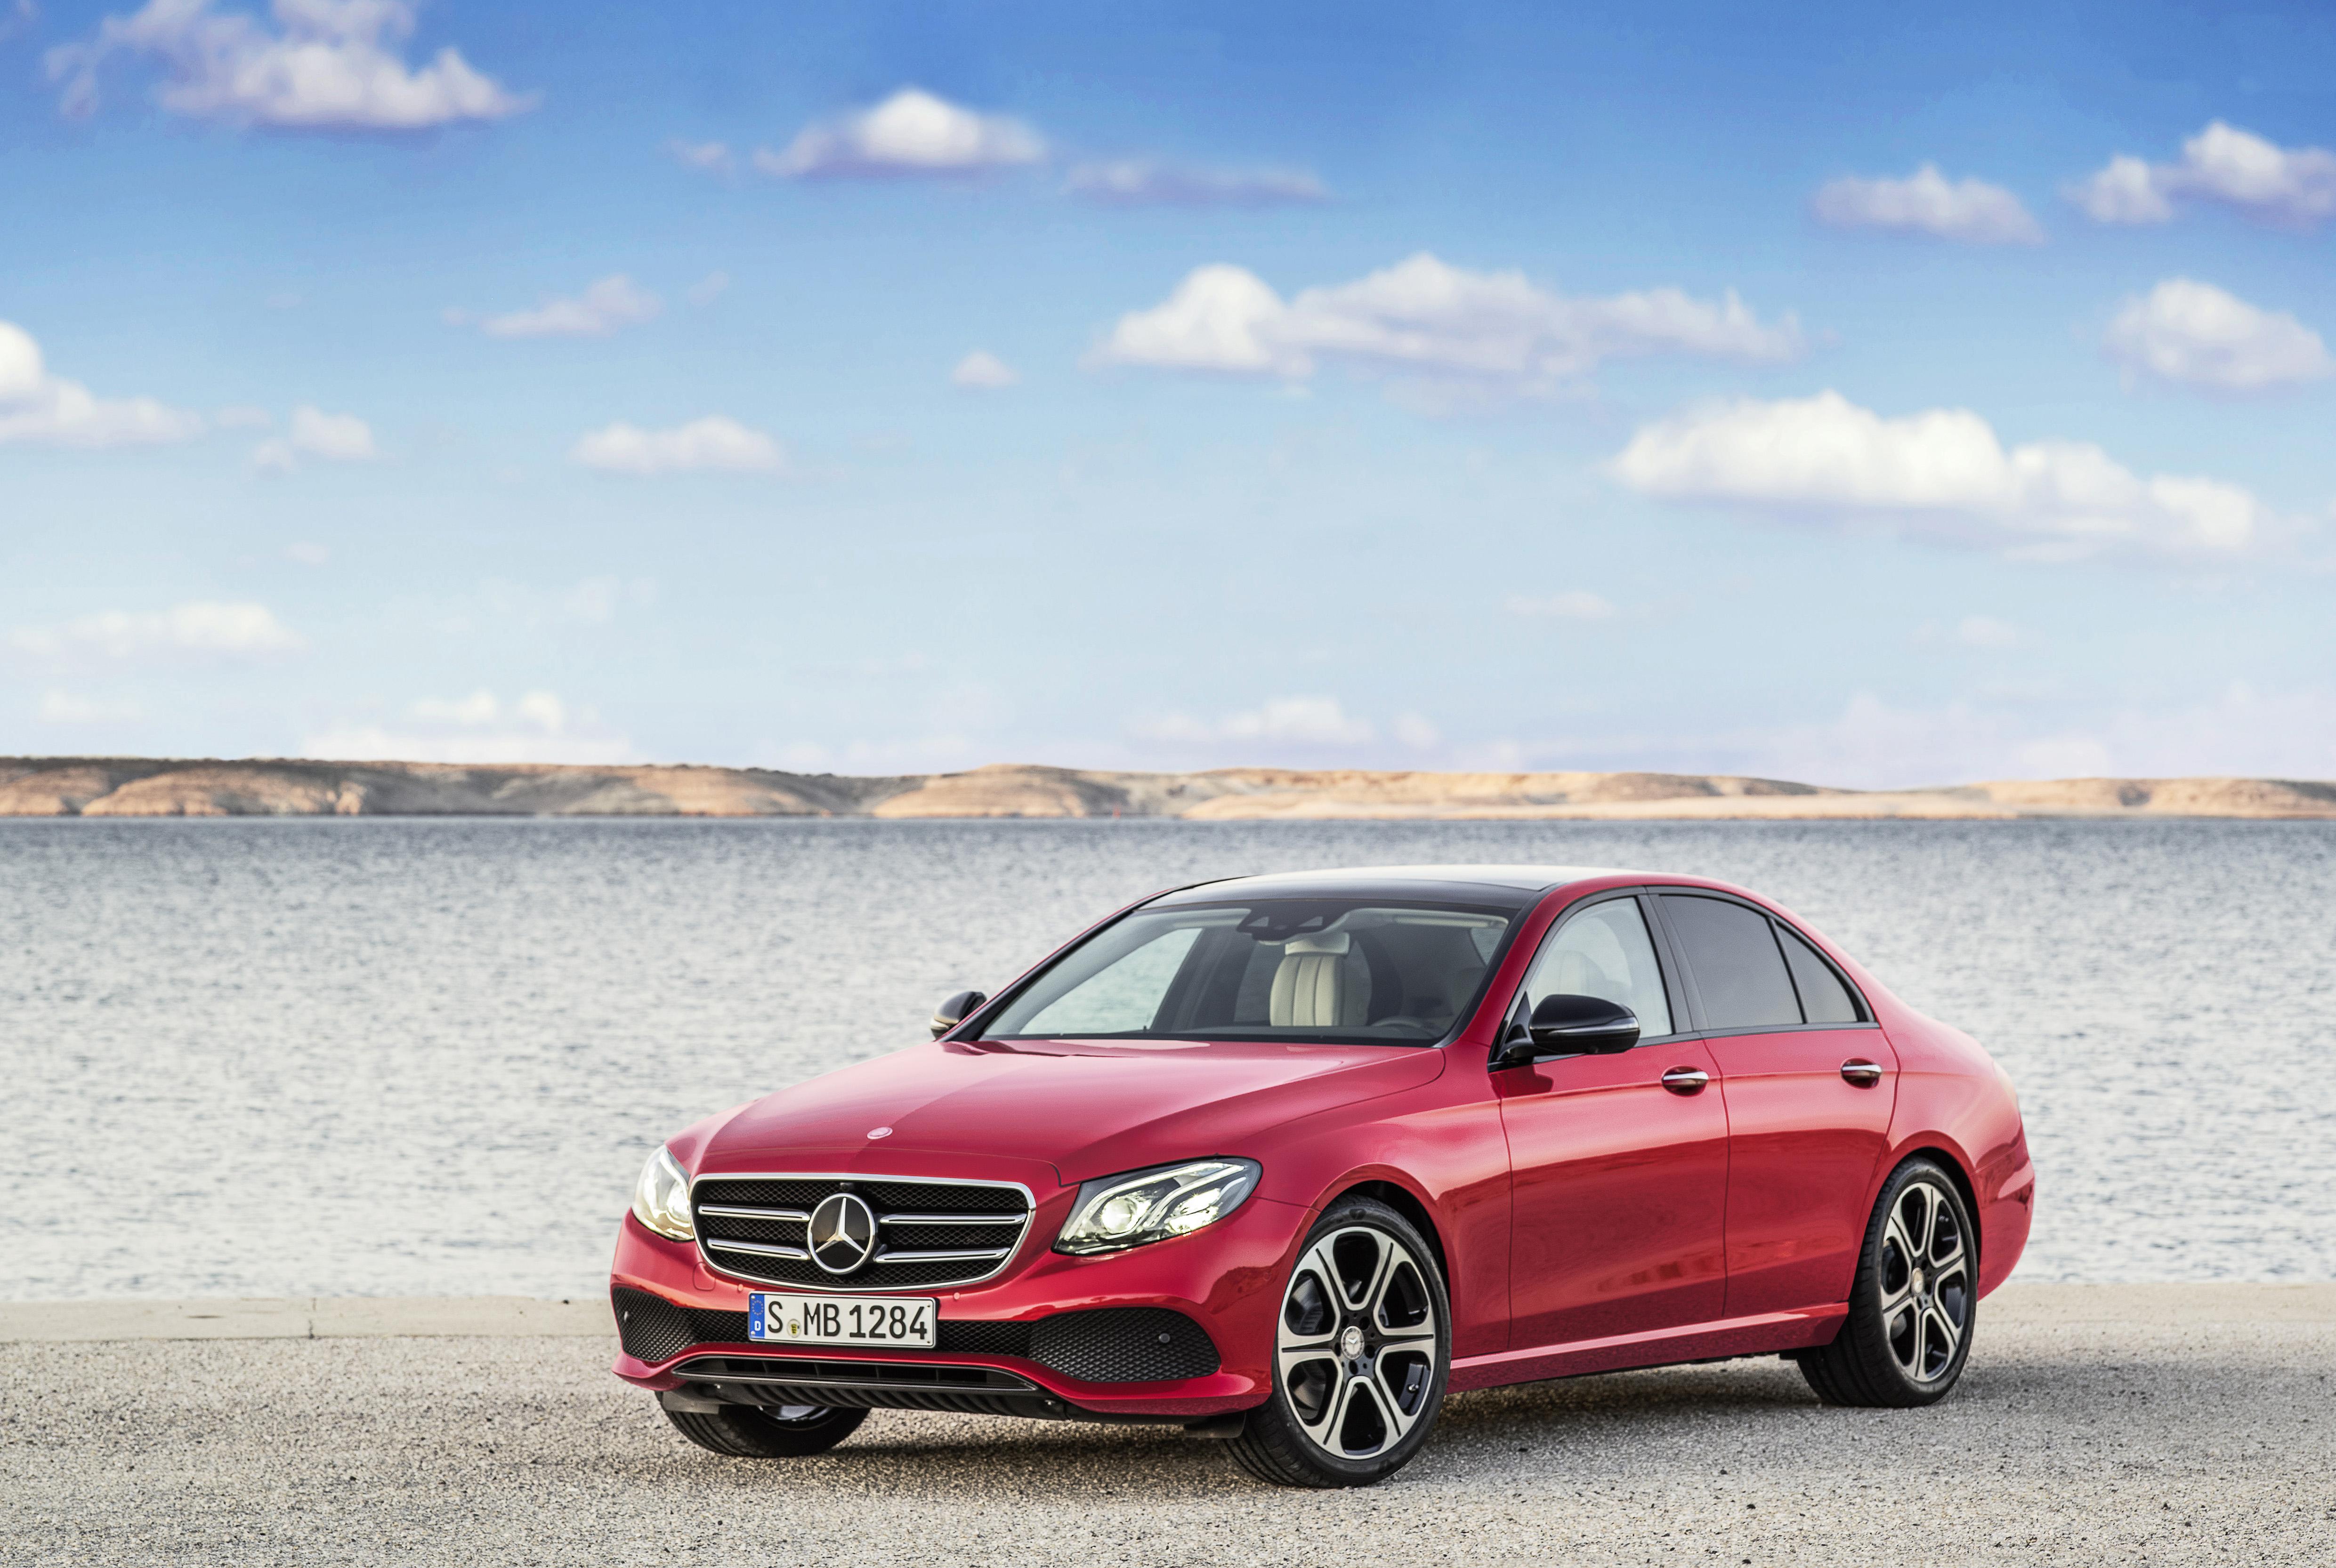 De nieuwe Mercedes-Benz E-Klasse is een geslaagde kruising tussen de C-en S-Klasse.